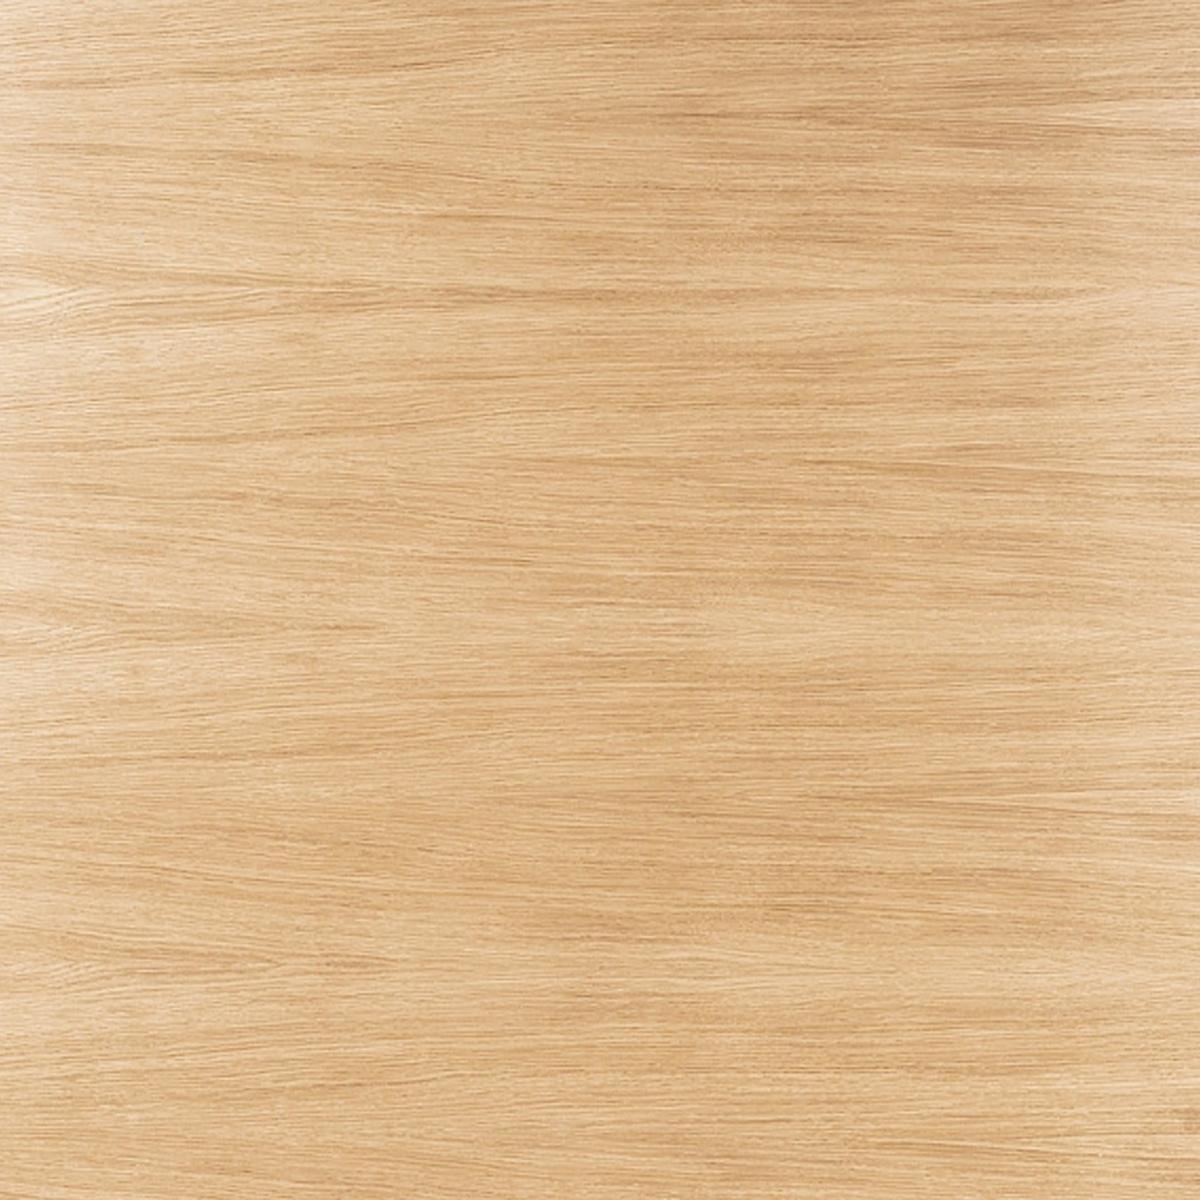 Esstisch Furnier 504110-1